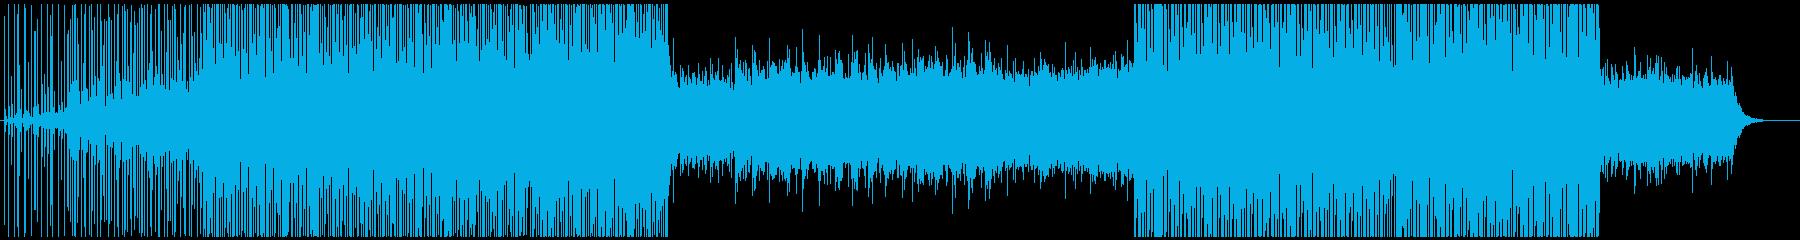 トライバル系クラブミュージックの再生済みの波形